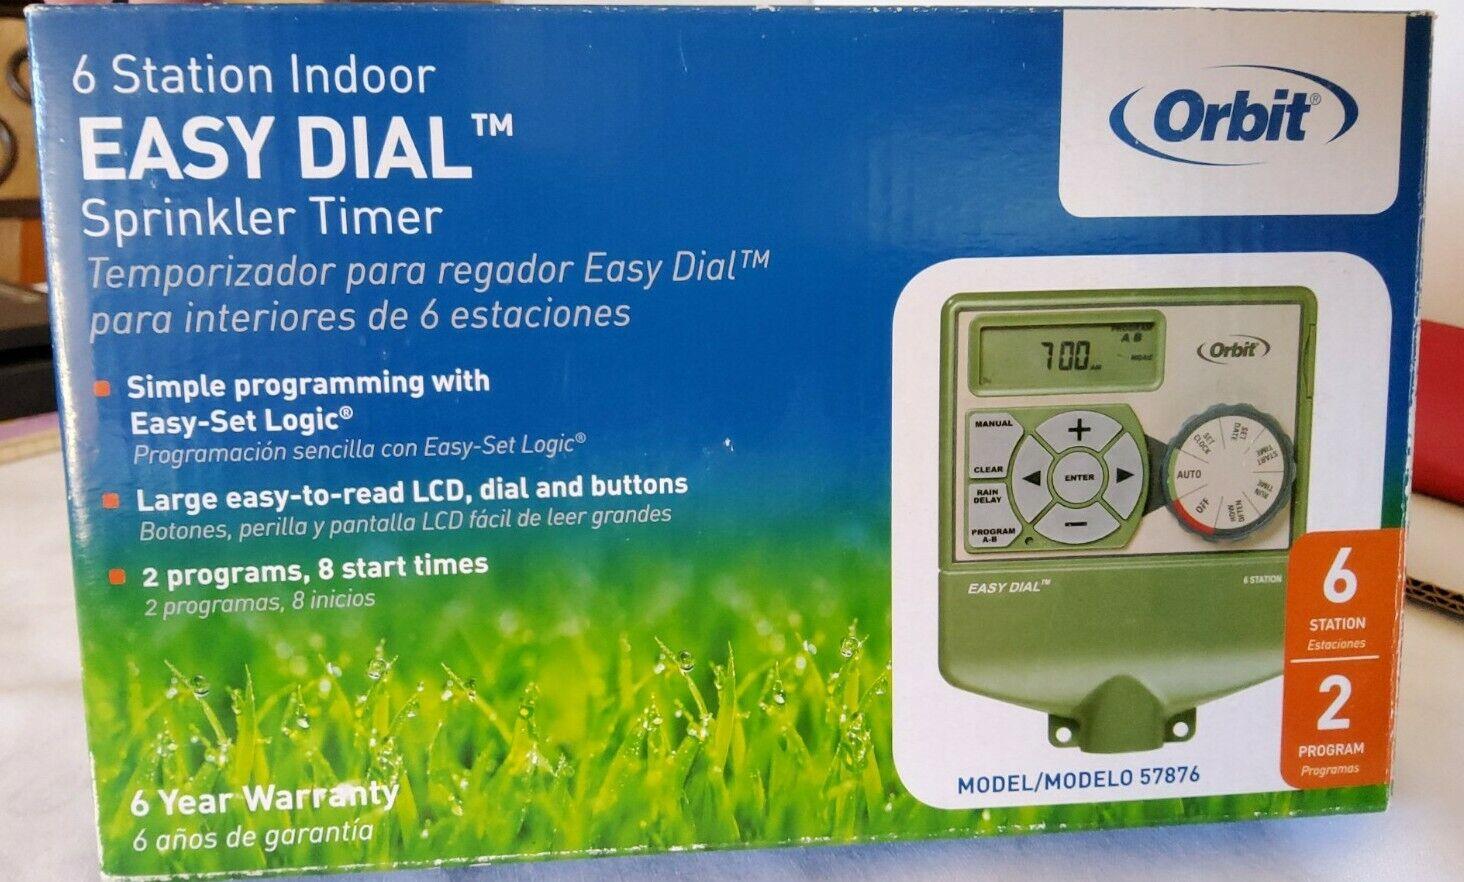 Orbit 6 Station Indoor Easy Dial Sprinkler/ Irrigation Timer Model 57876